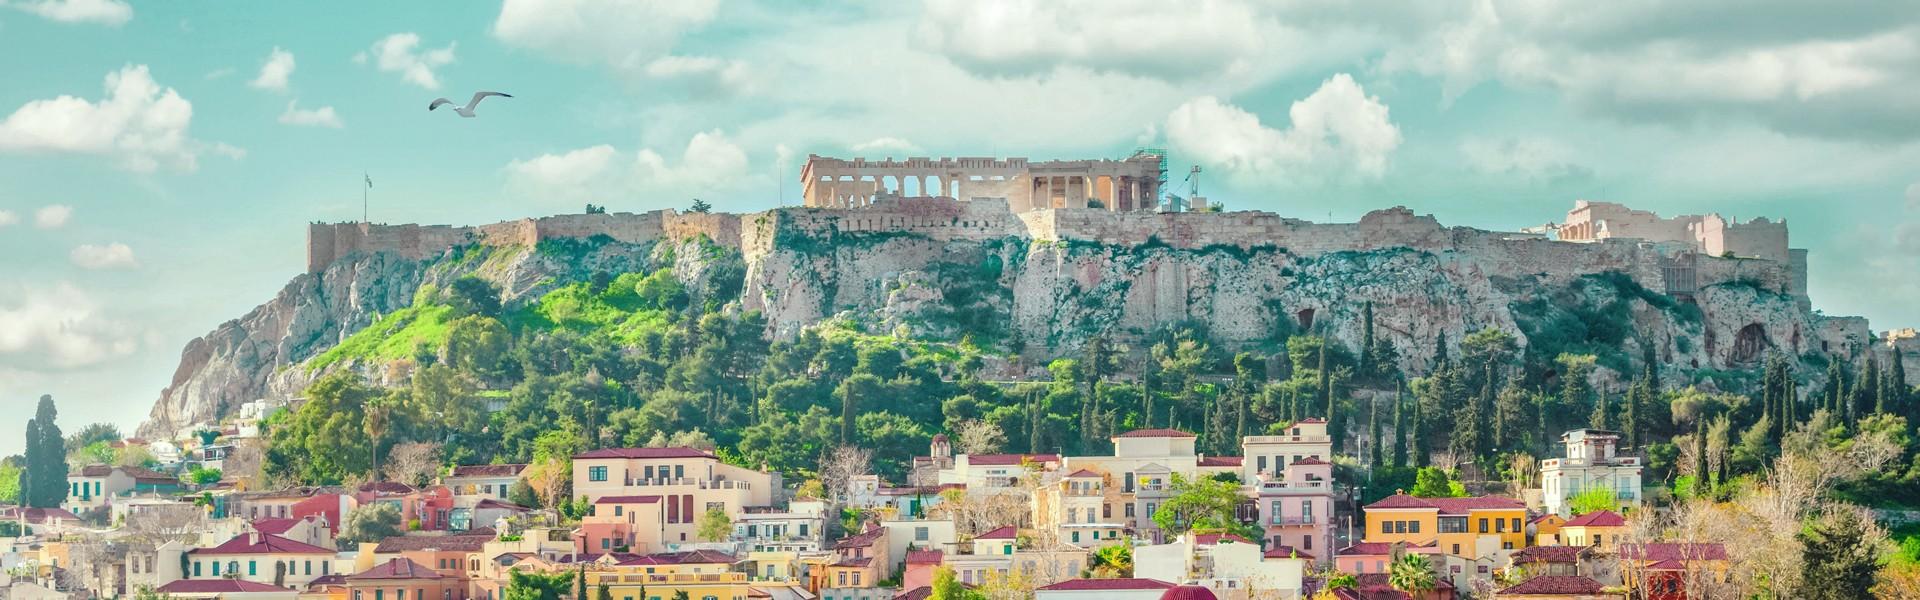 Athens_1920x600_Press